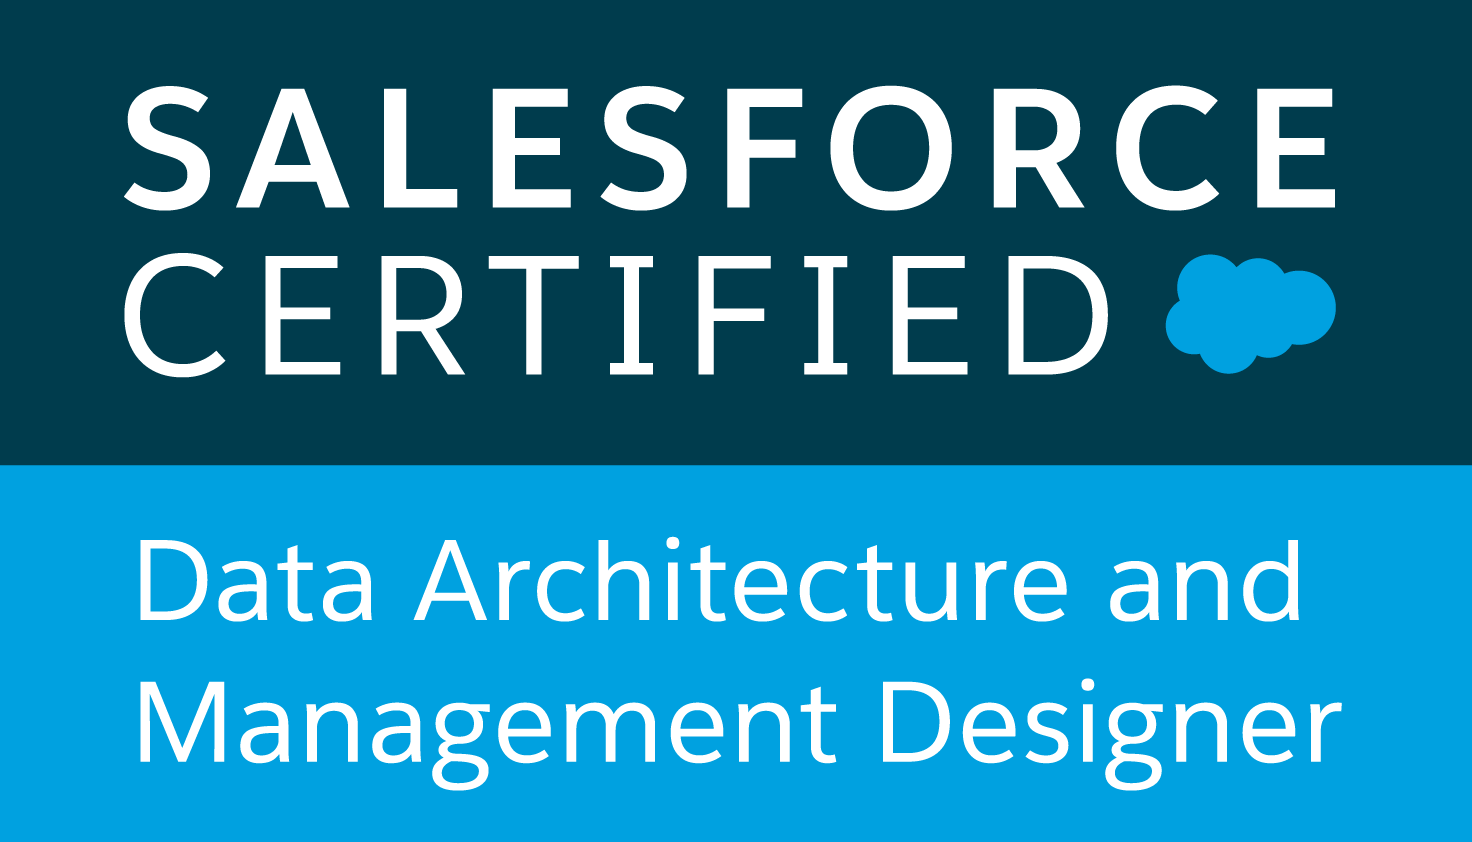 Data Architecture and Management Designer